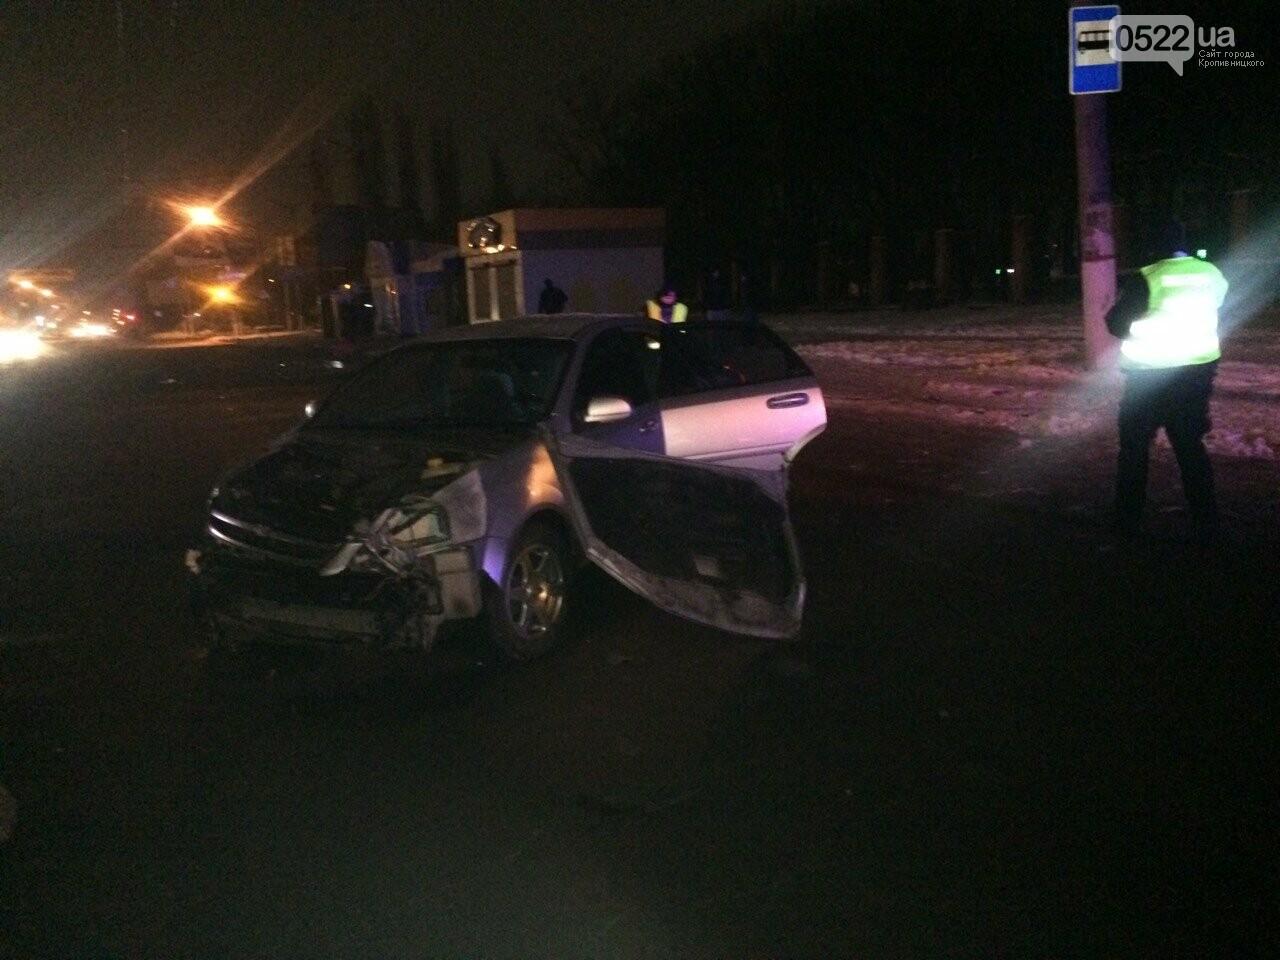 Ночное ДТП в Кропивницком: автомобиль вылетел на остановку и сбил iBox. ФОТО, фото-7